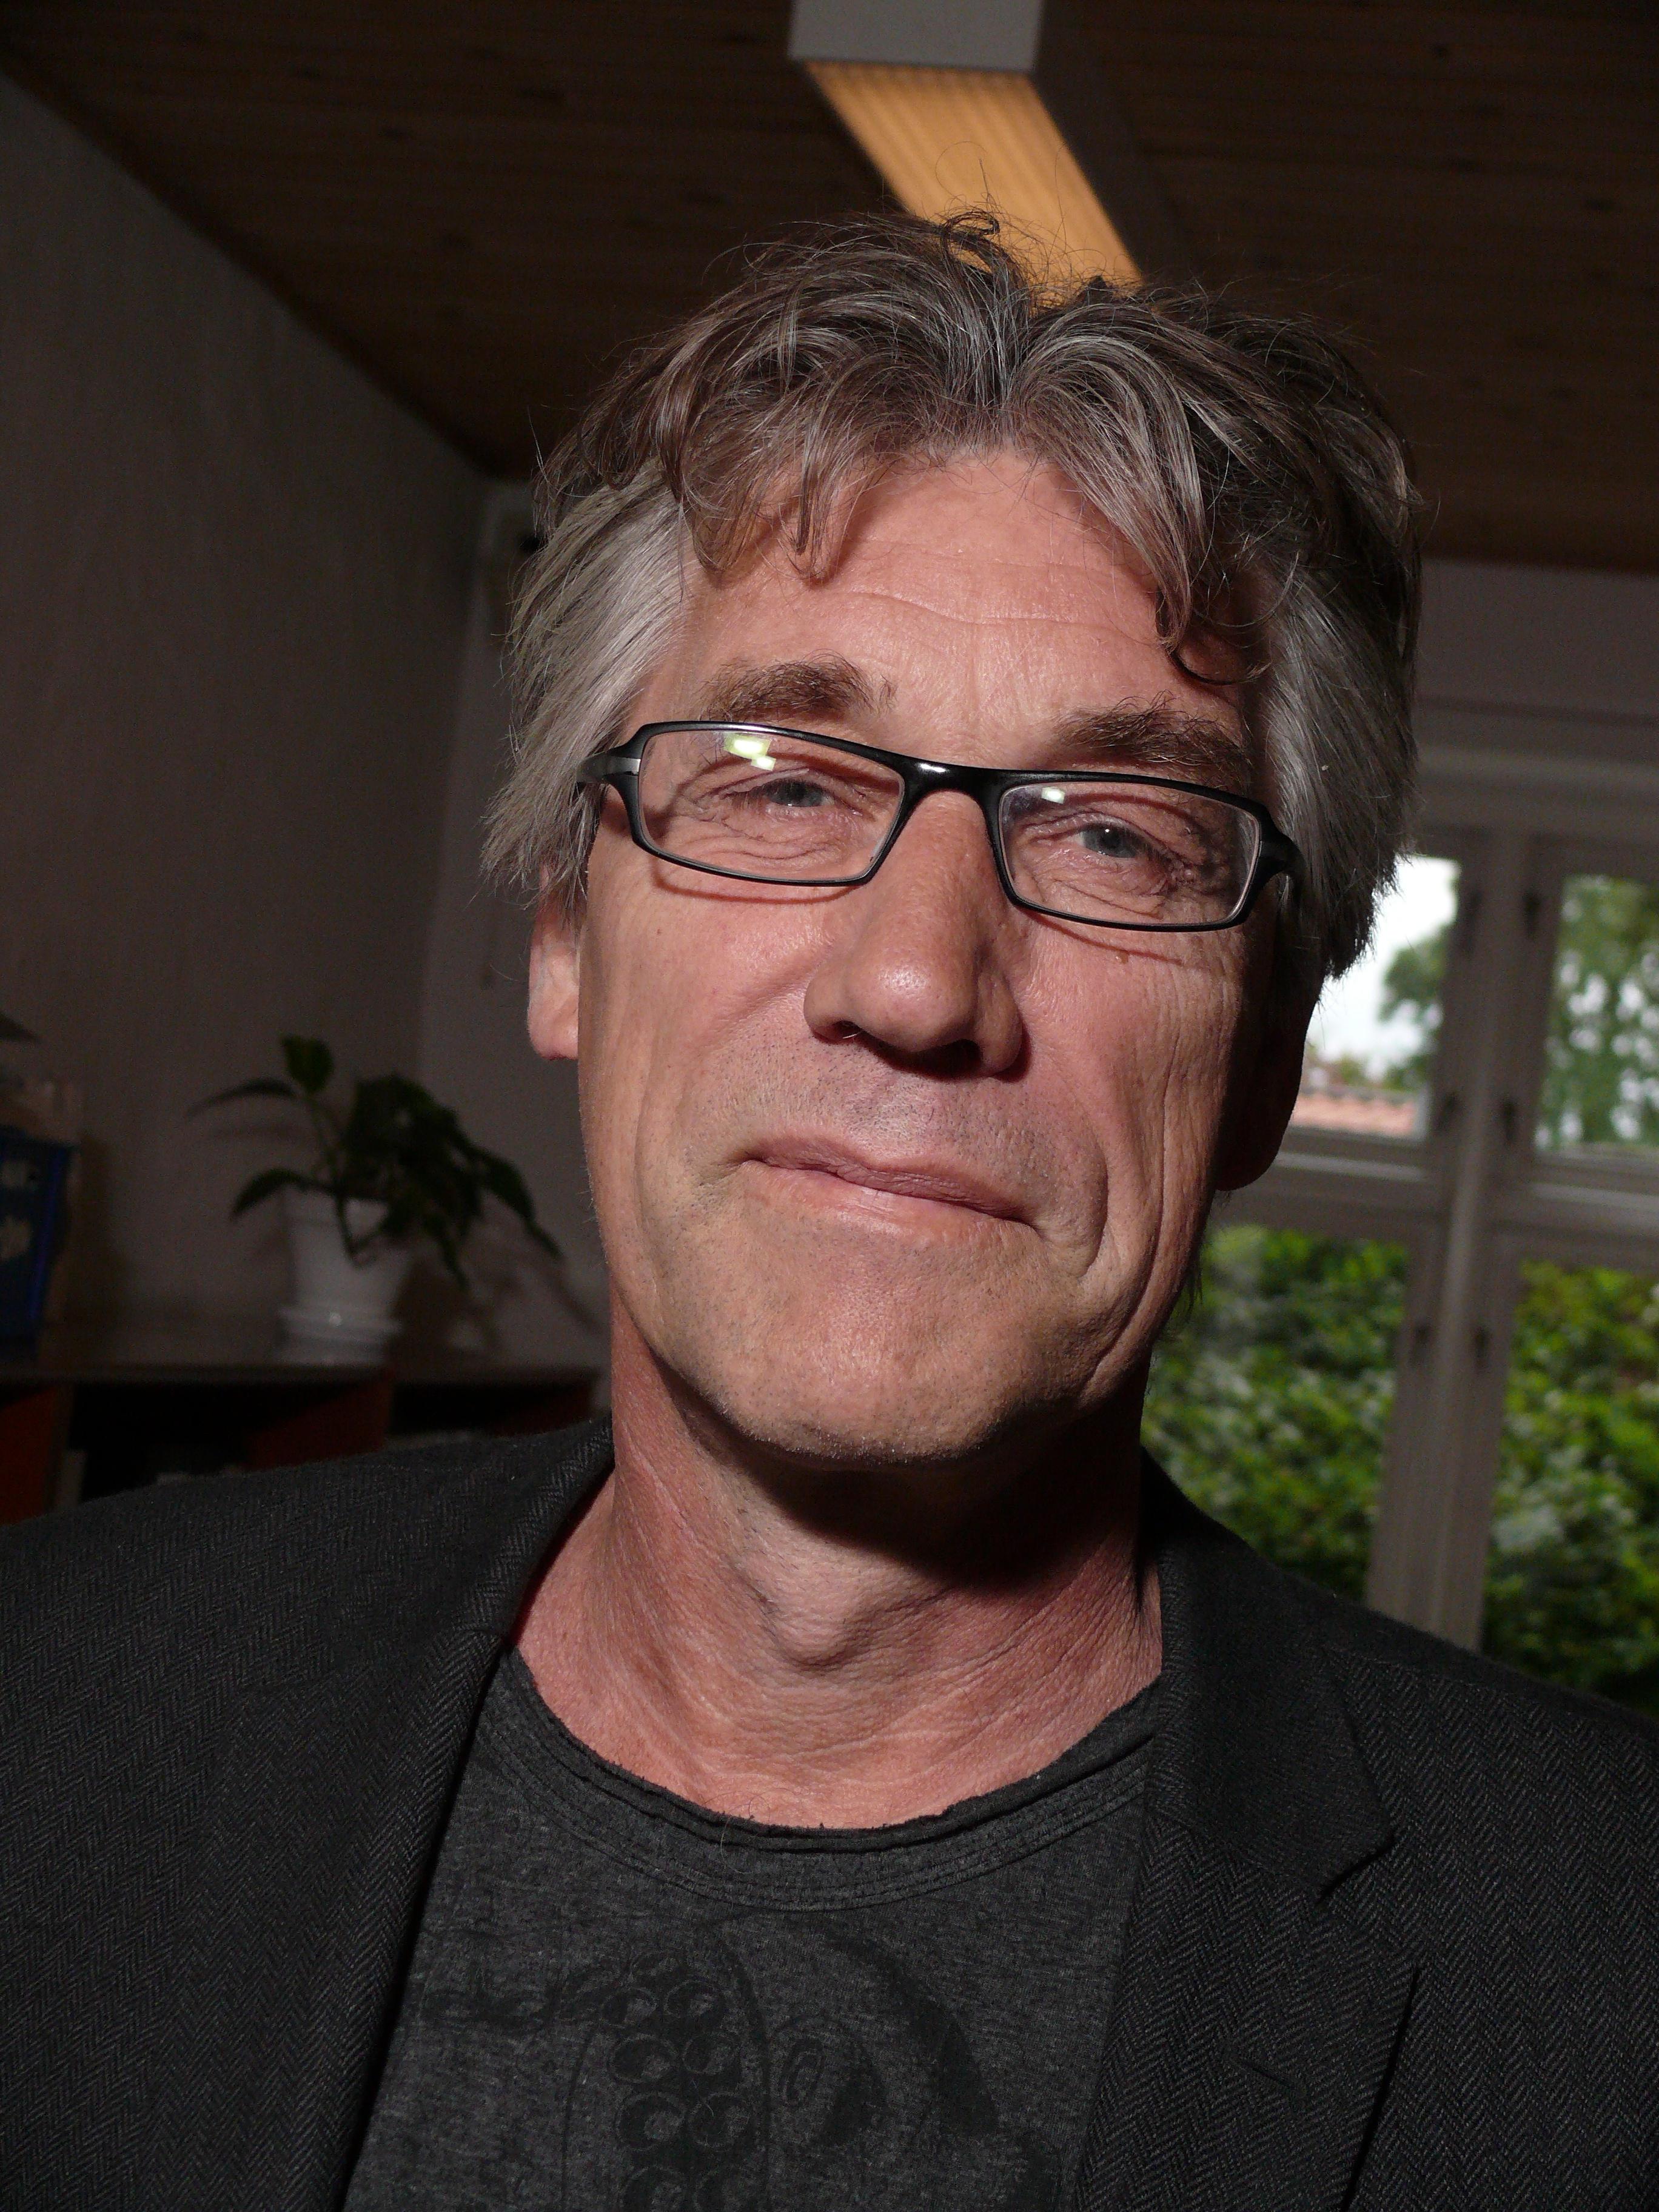 Forstander Ole Toftdahl